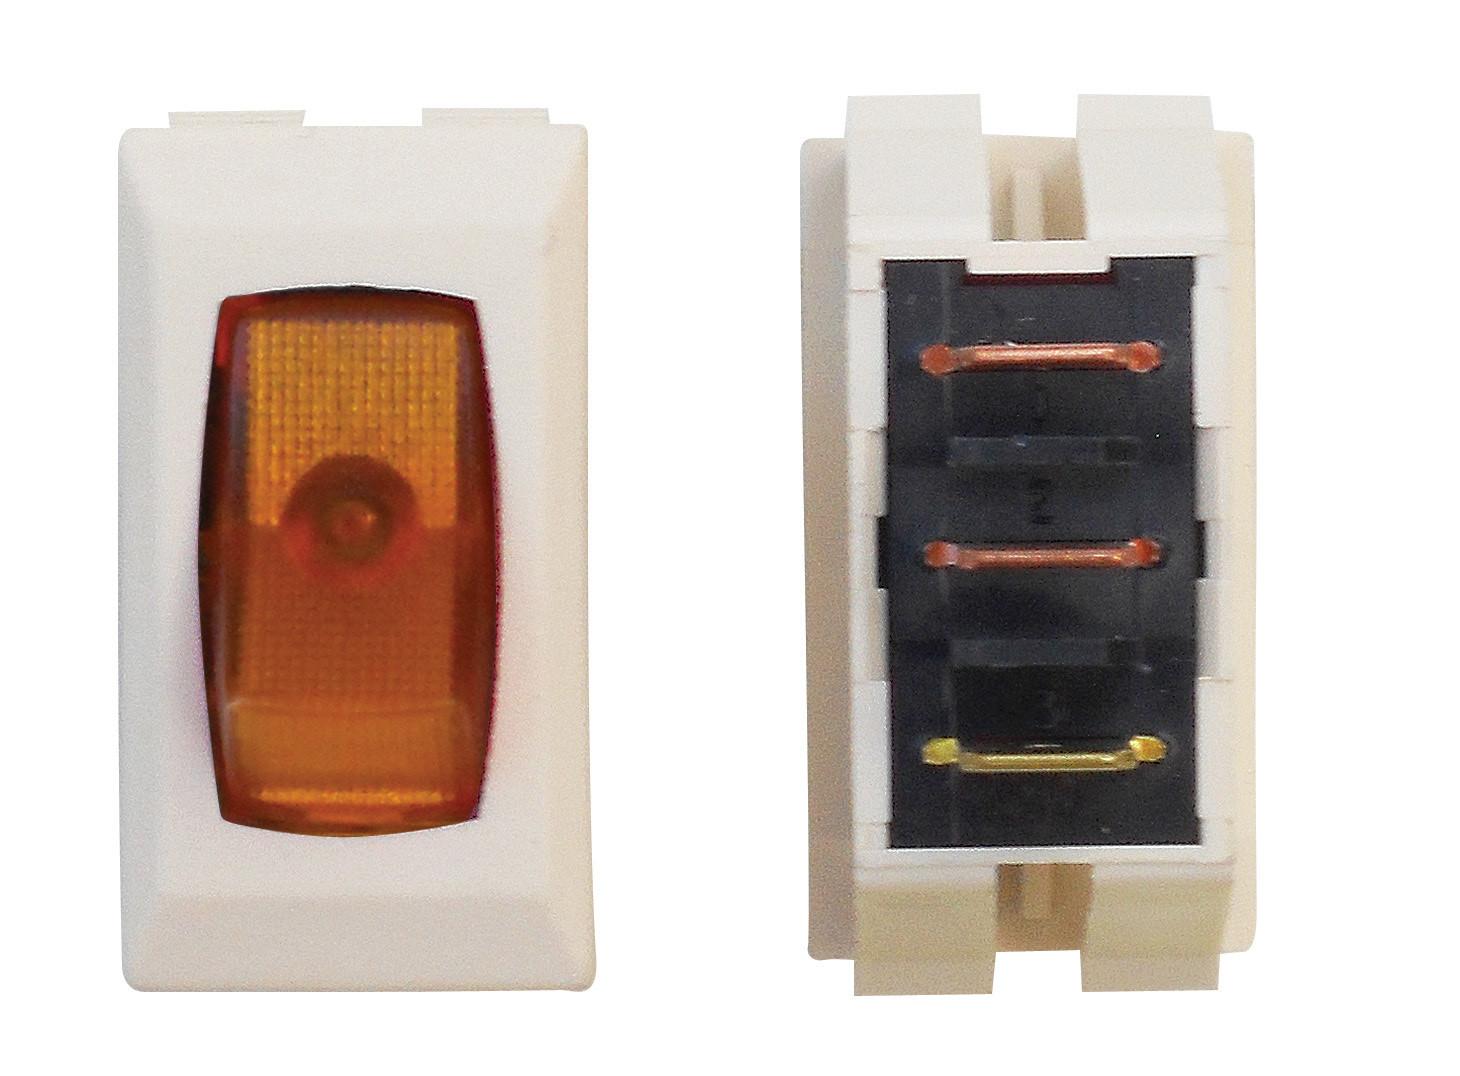 Illuminated On/Off Switch - Amber/Ivory 3/bag